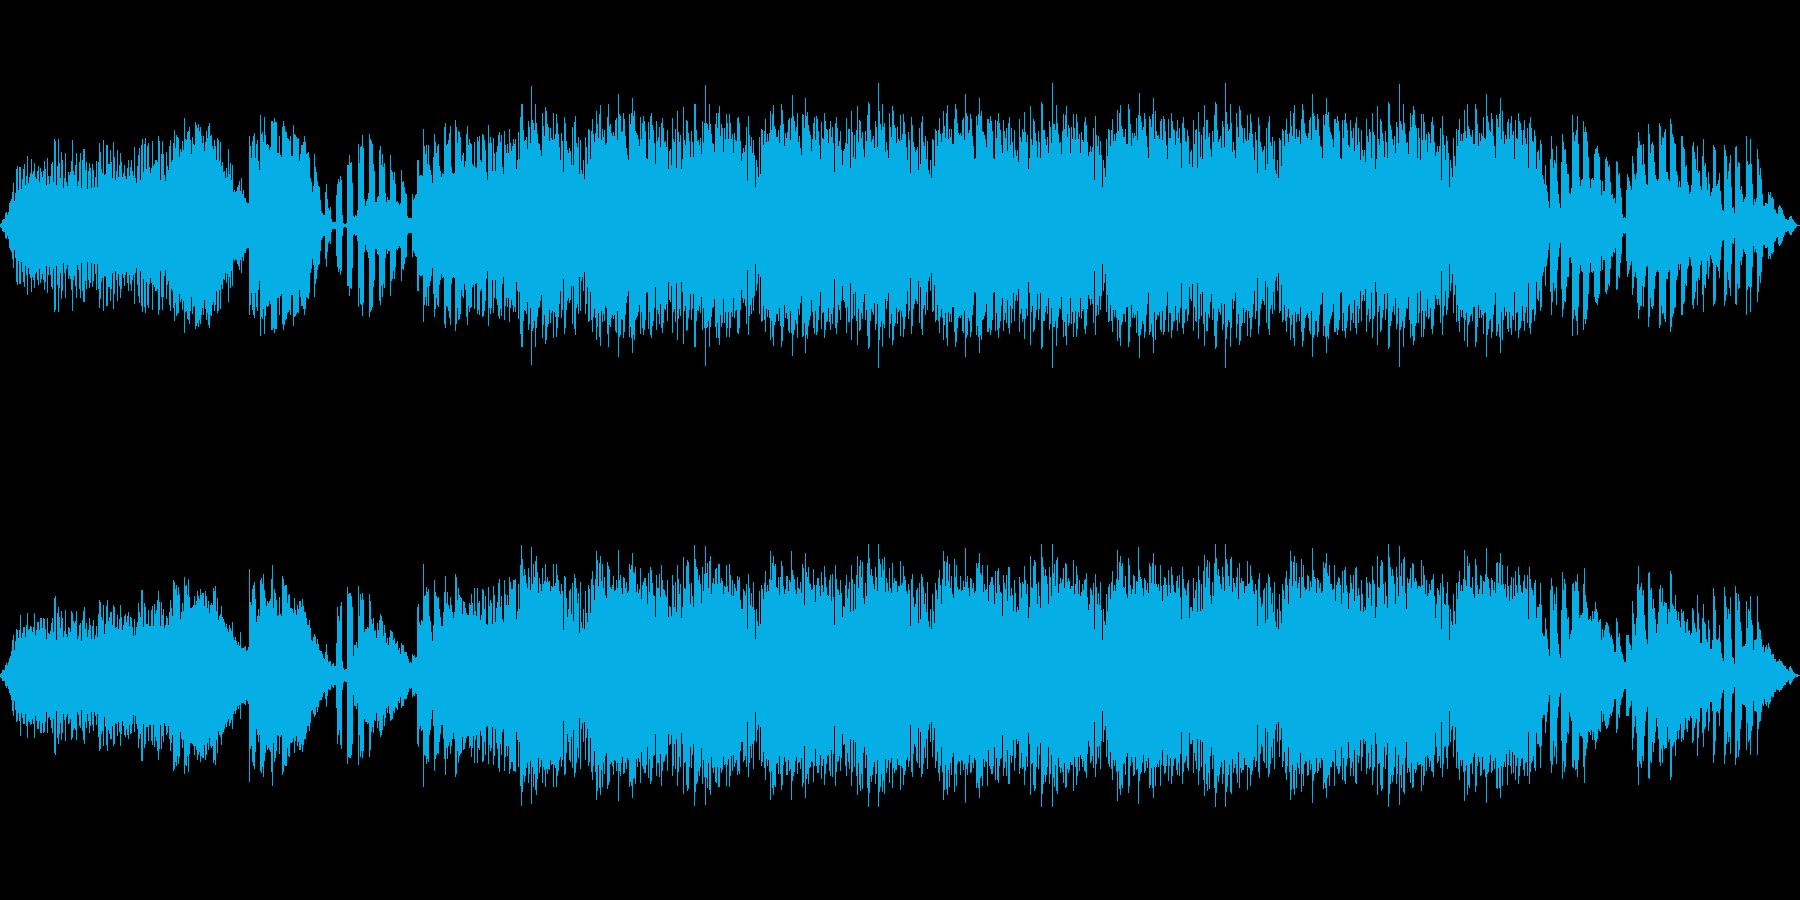 物語の回想~展開シーンBGMの再生済みの波形